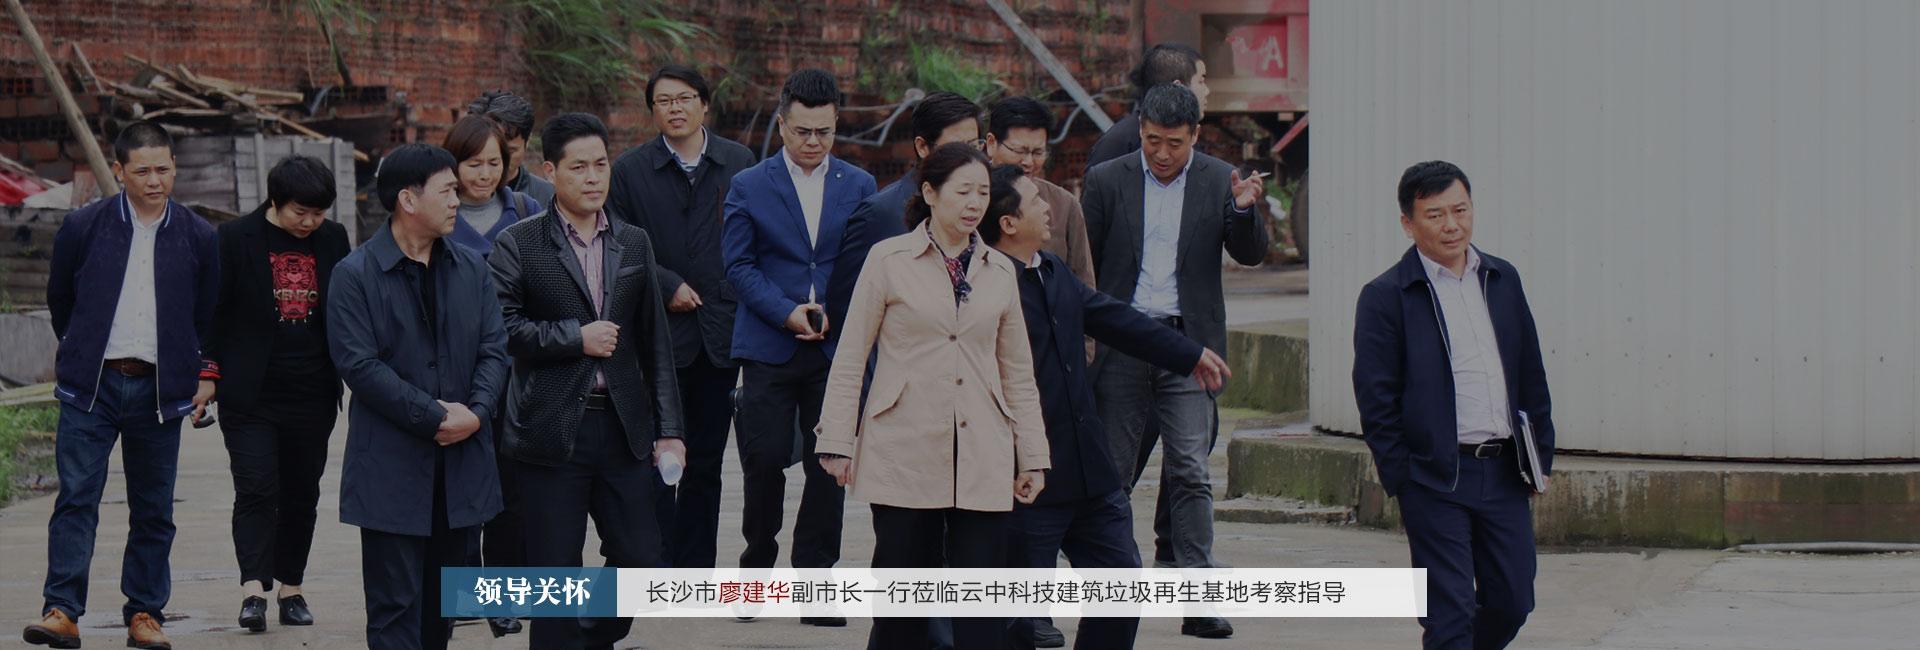 2019年4月11日,长沙市廖建华副市长一行莅临mg4355科技建筑垃圾再生基地考察指导